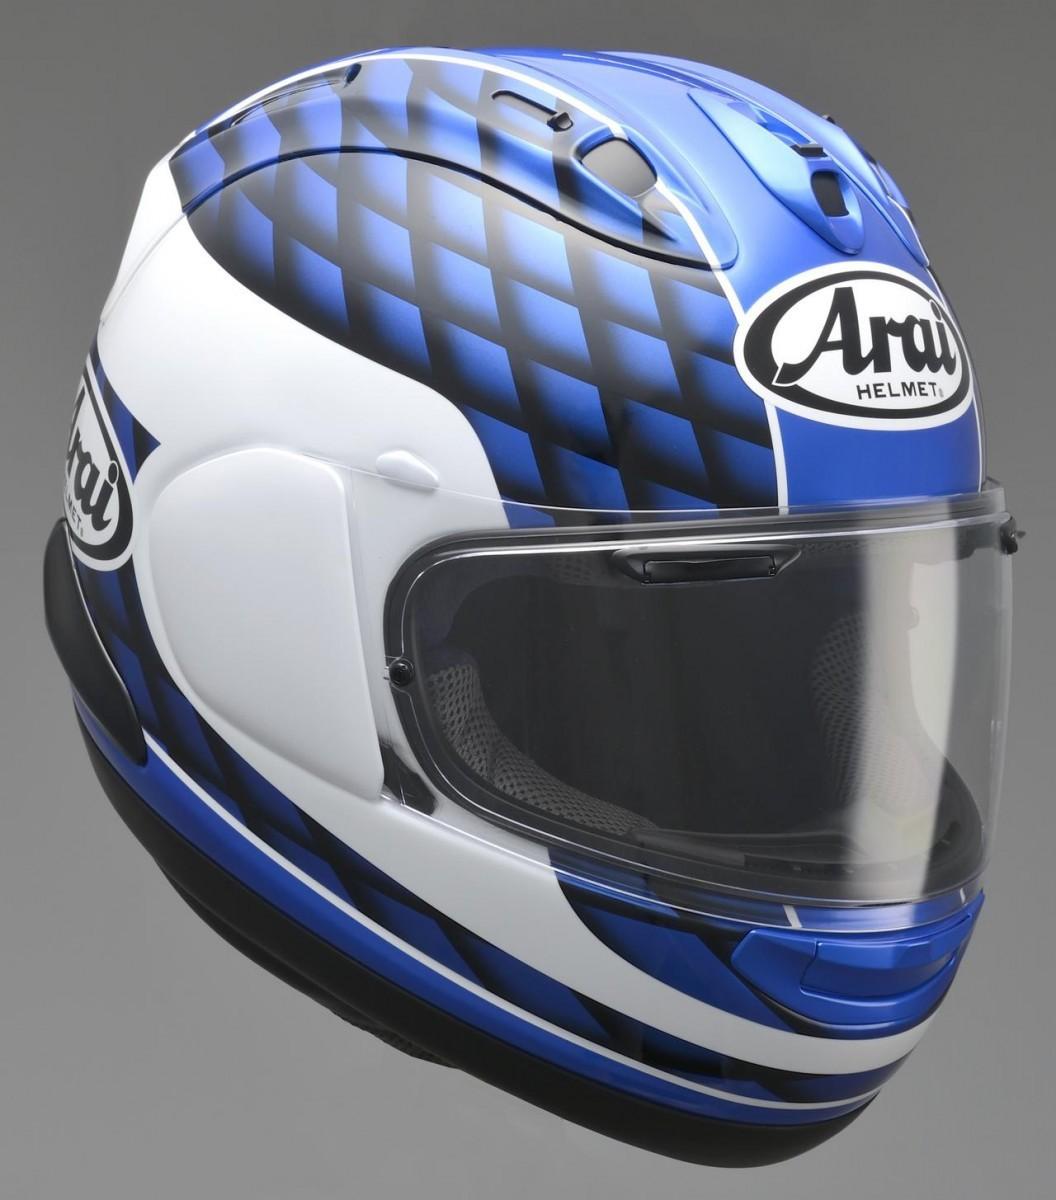 タイラレーシング Arai RX-7X Taira(タイラ) BLUE (ブルー) フルフェイスヘルメット